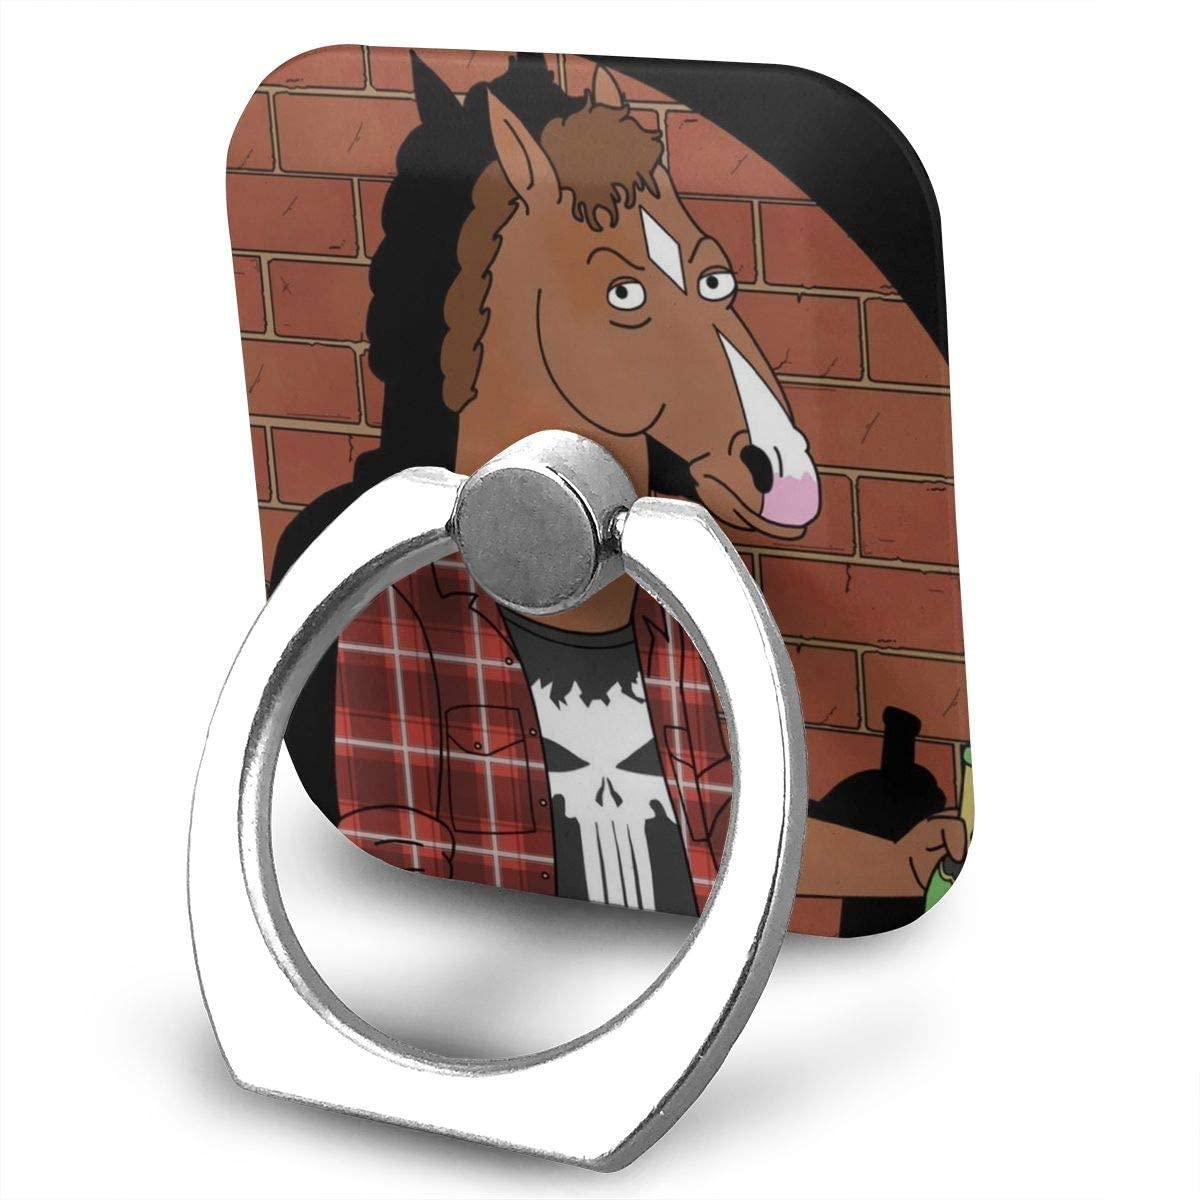 BoJack Horseman Phone Finger Ring Stand Bracket Holder Smartphone Grip Stand Holder 360 Degree Rotating Sticky Cute